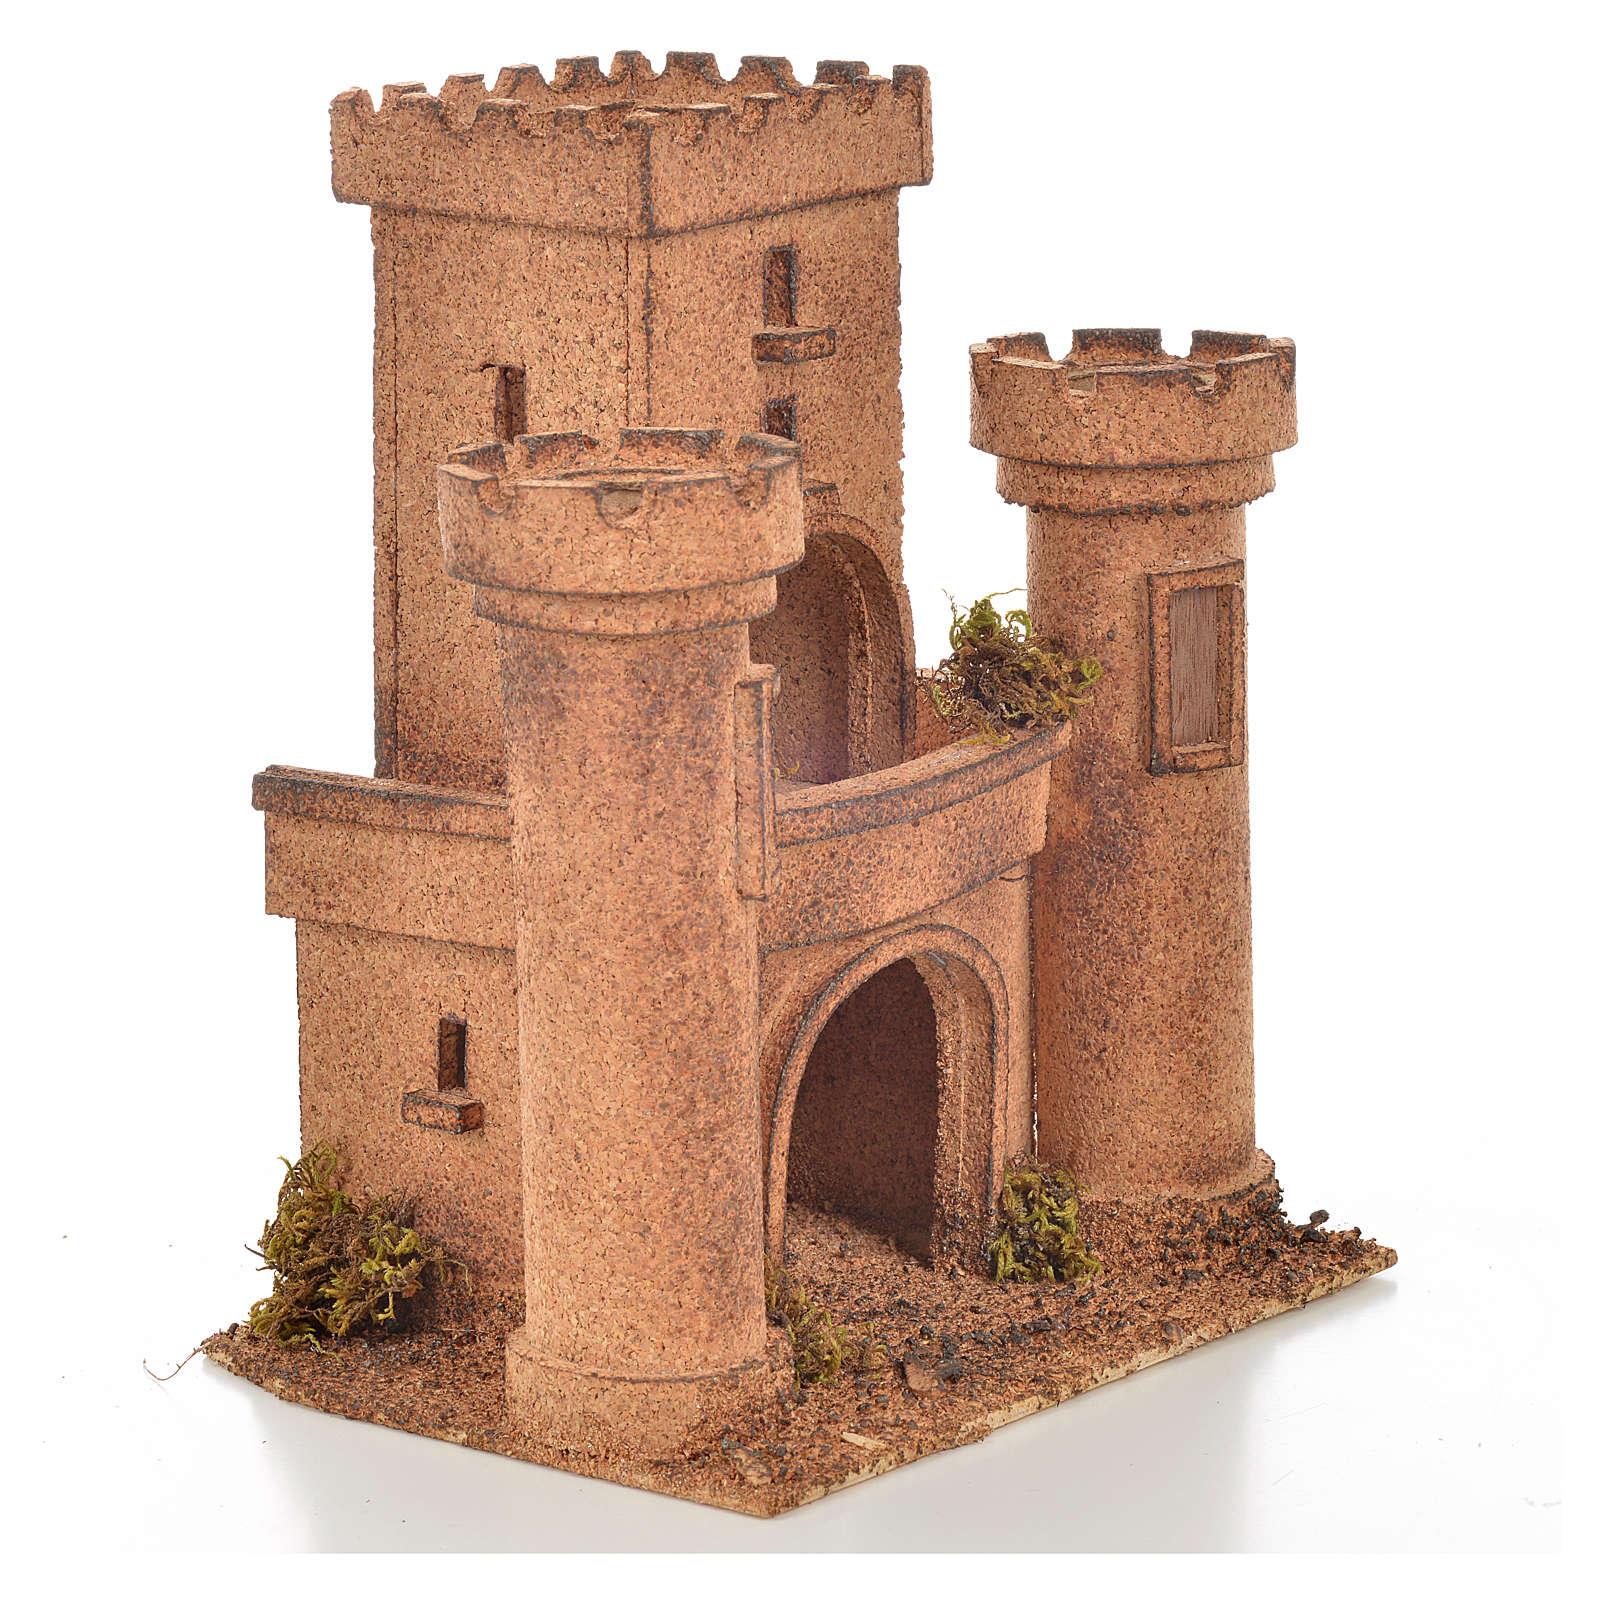 Neapolitan Nativity scene accessory, cork castle 14x18x21cm 4